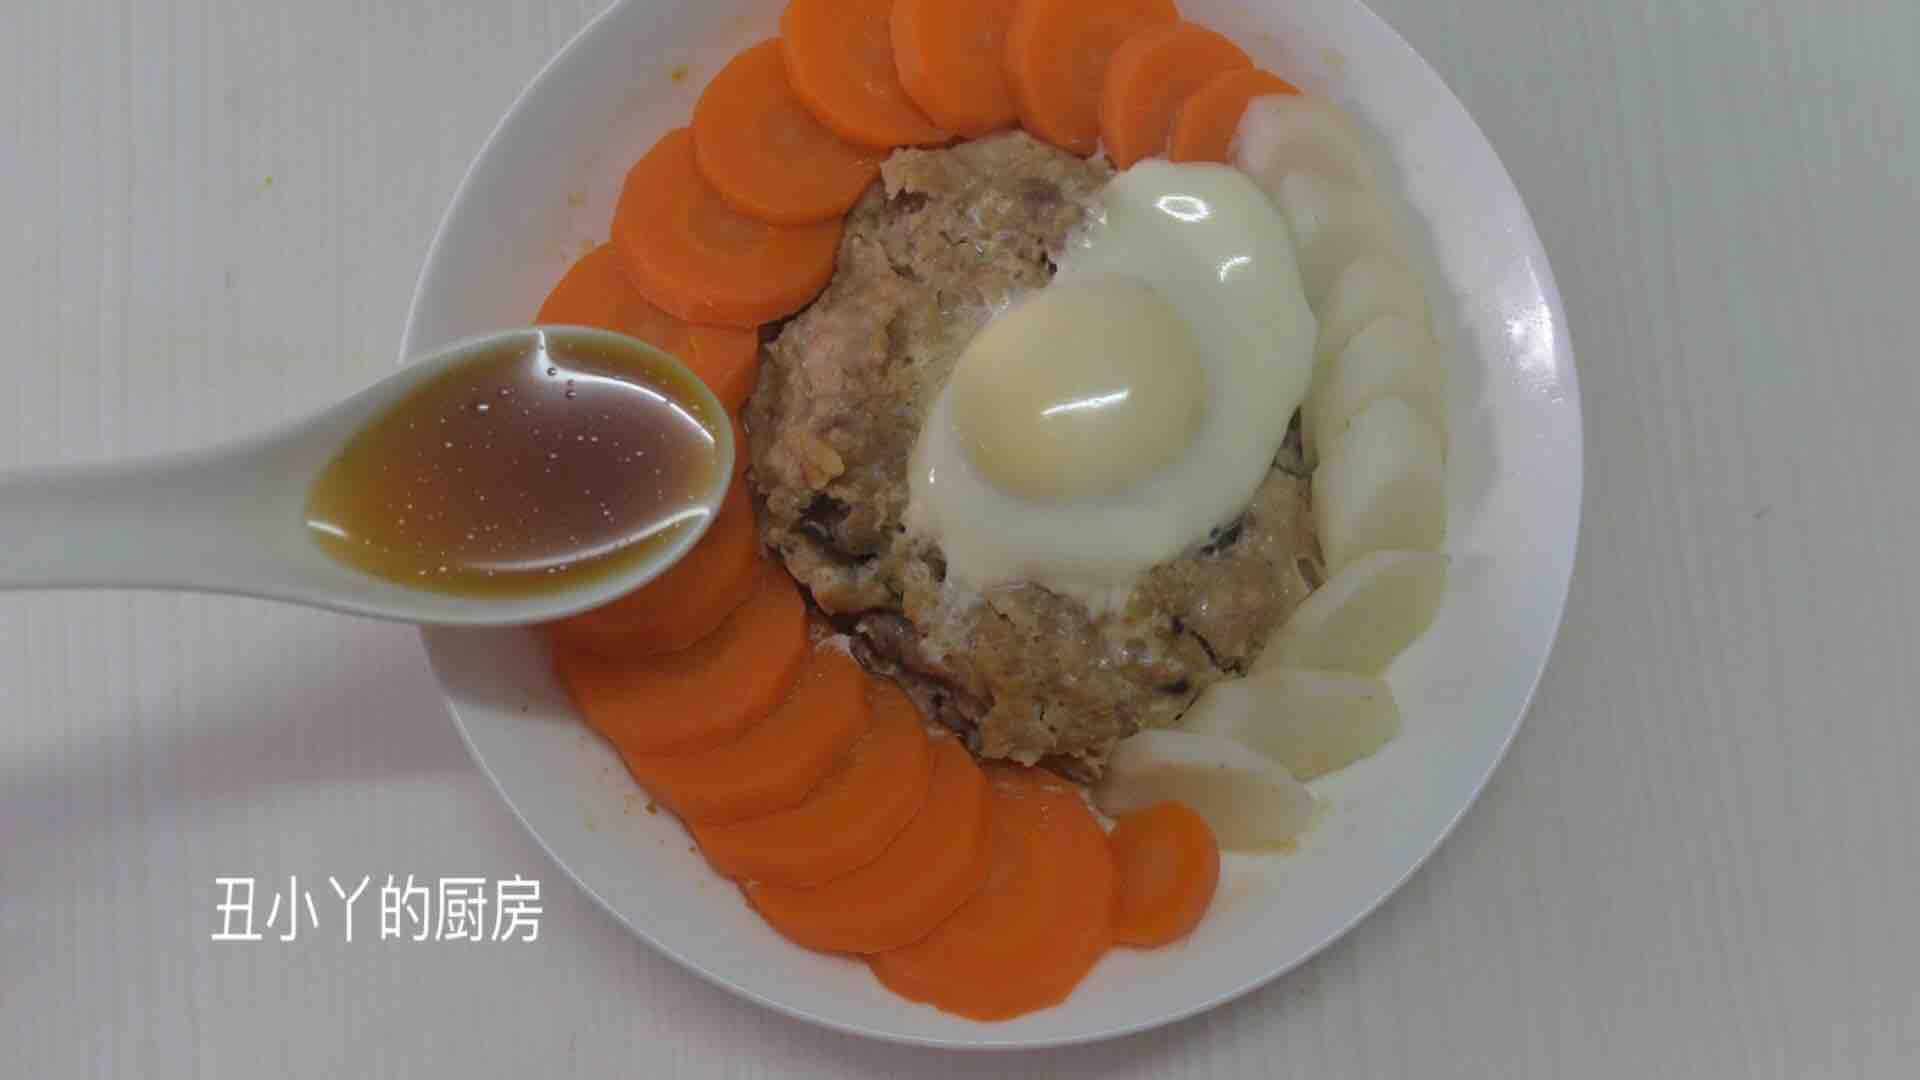 红萝卜+山药+马蹄蒸肉饼+蒸蛋怎么炒